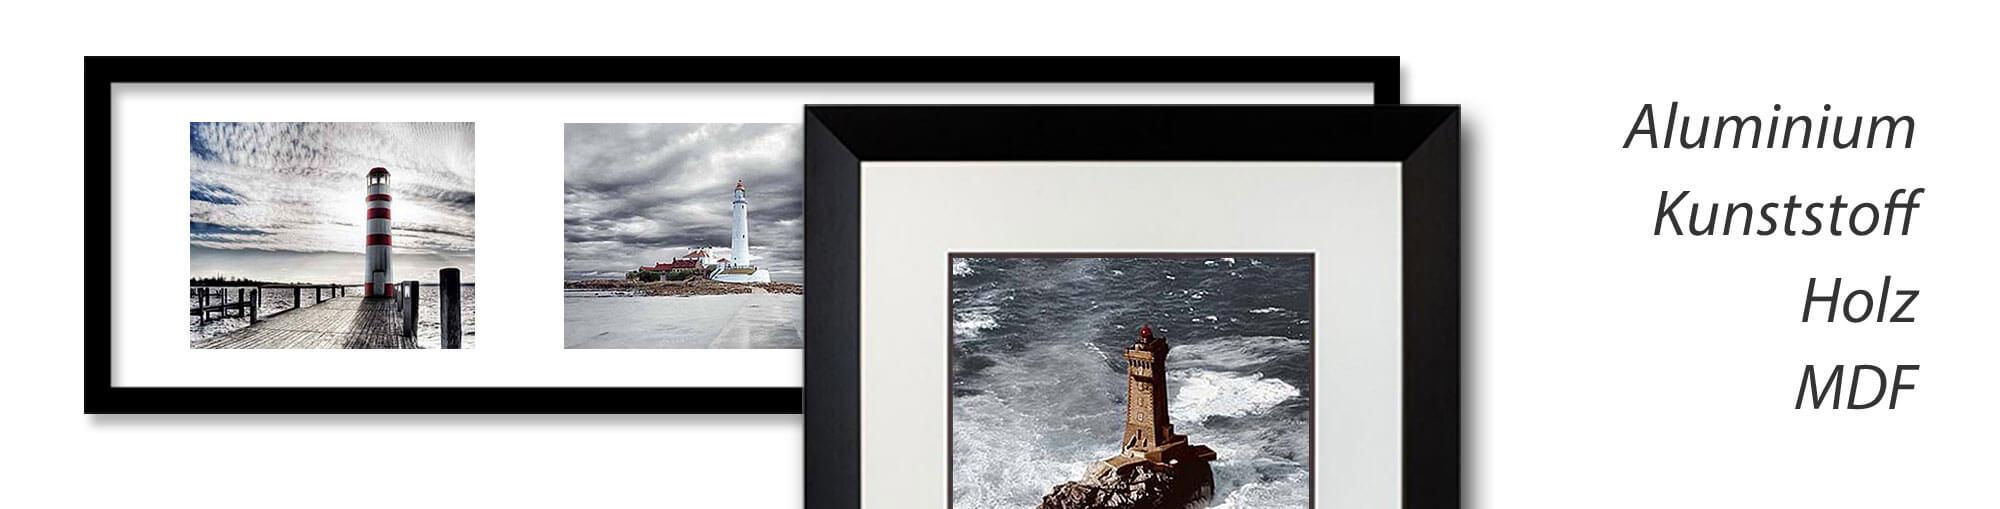 Bilderrahmen 30x60 Cm Gunstig Online Kaufen